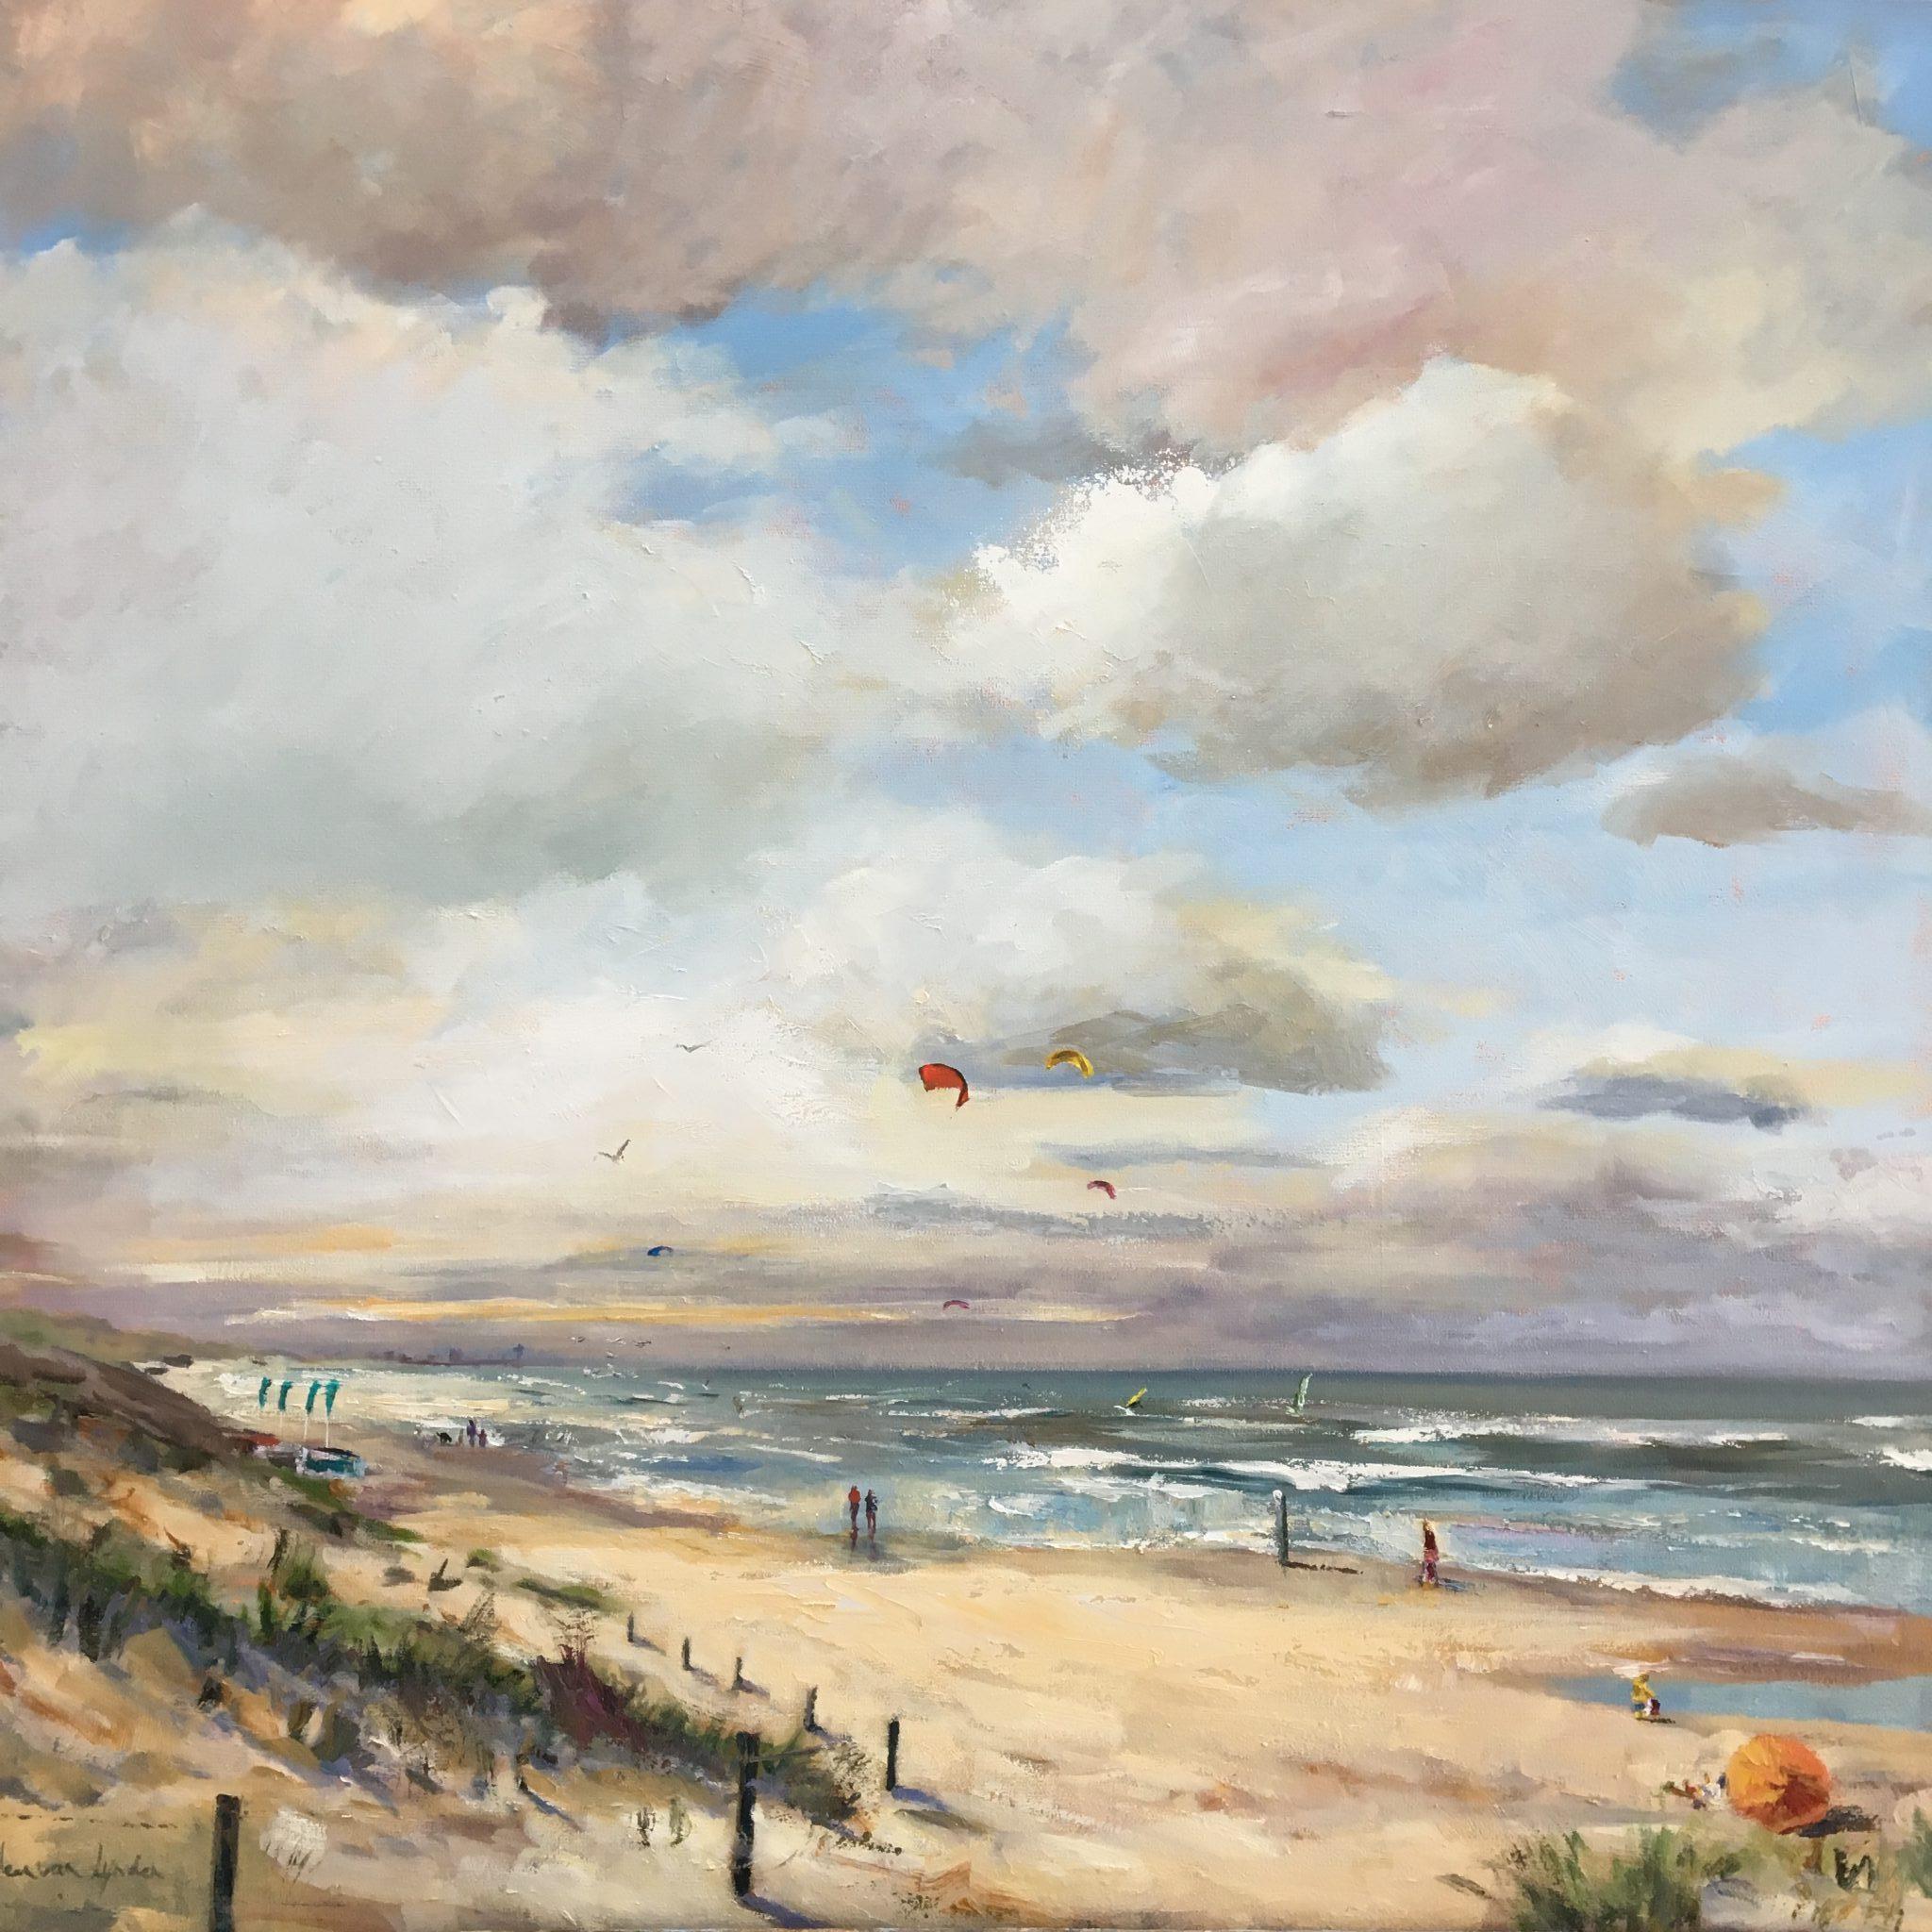 Scheveningen-zeegezicht-olieverf-strandgezicht-Lynden